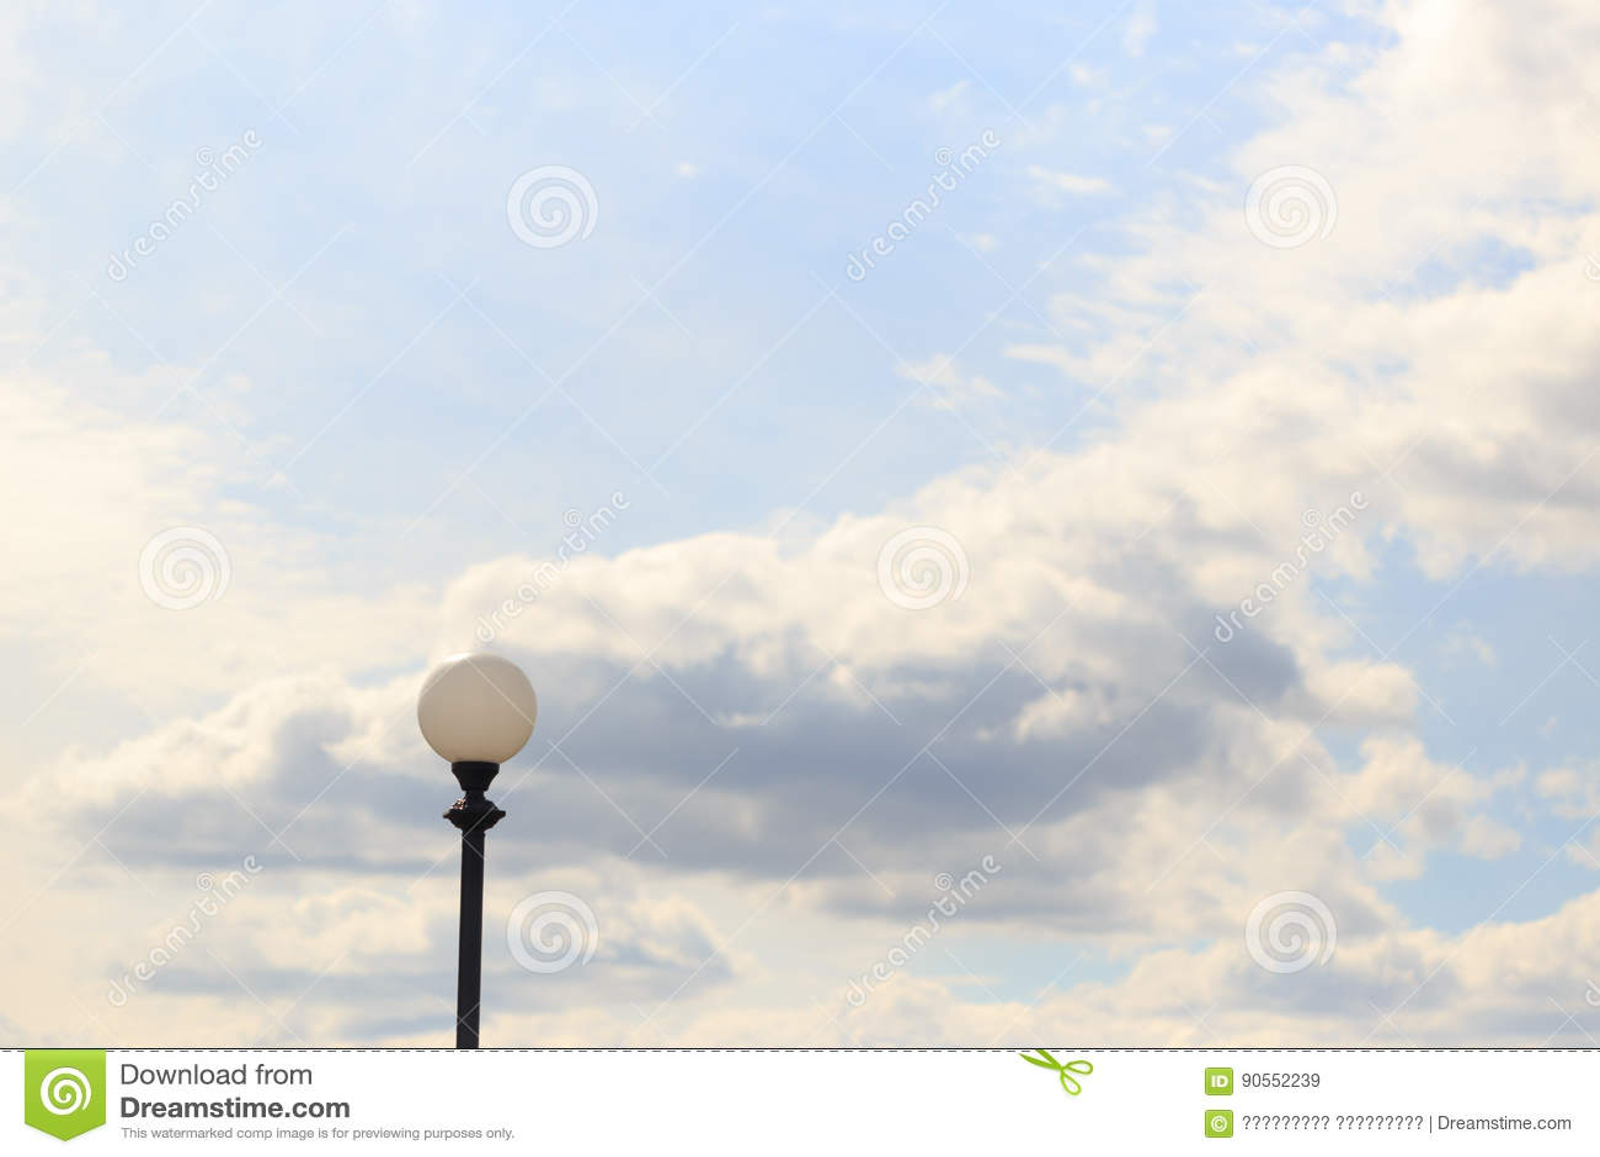 Palo della luce solo contro il cielo e le nuvole